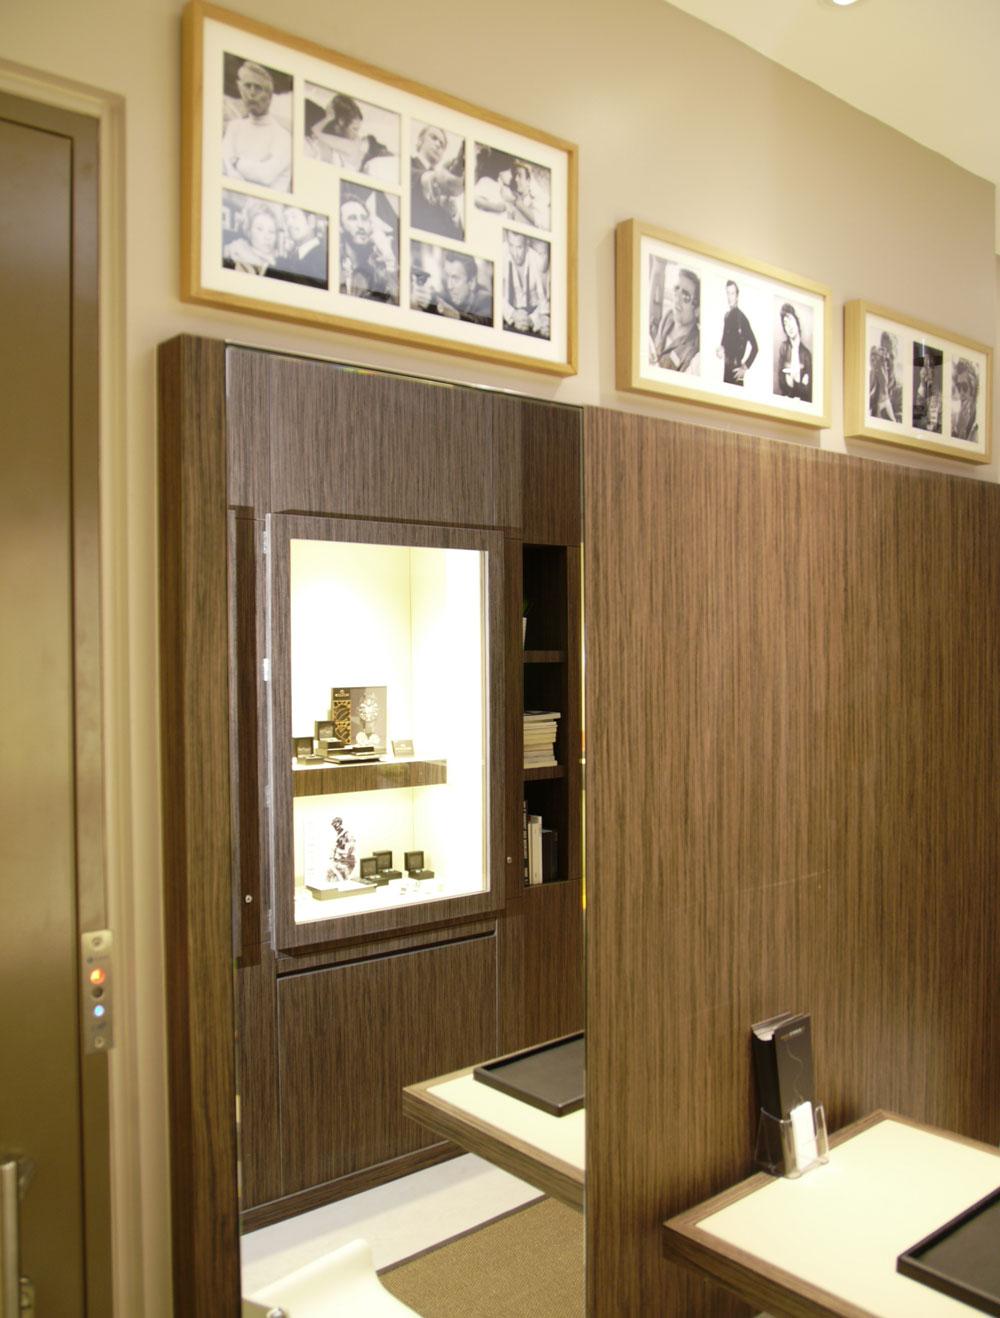 montres de luxe d'occasion une nouvelle boutique cresus au luxembourg